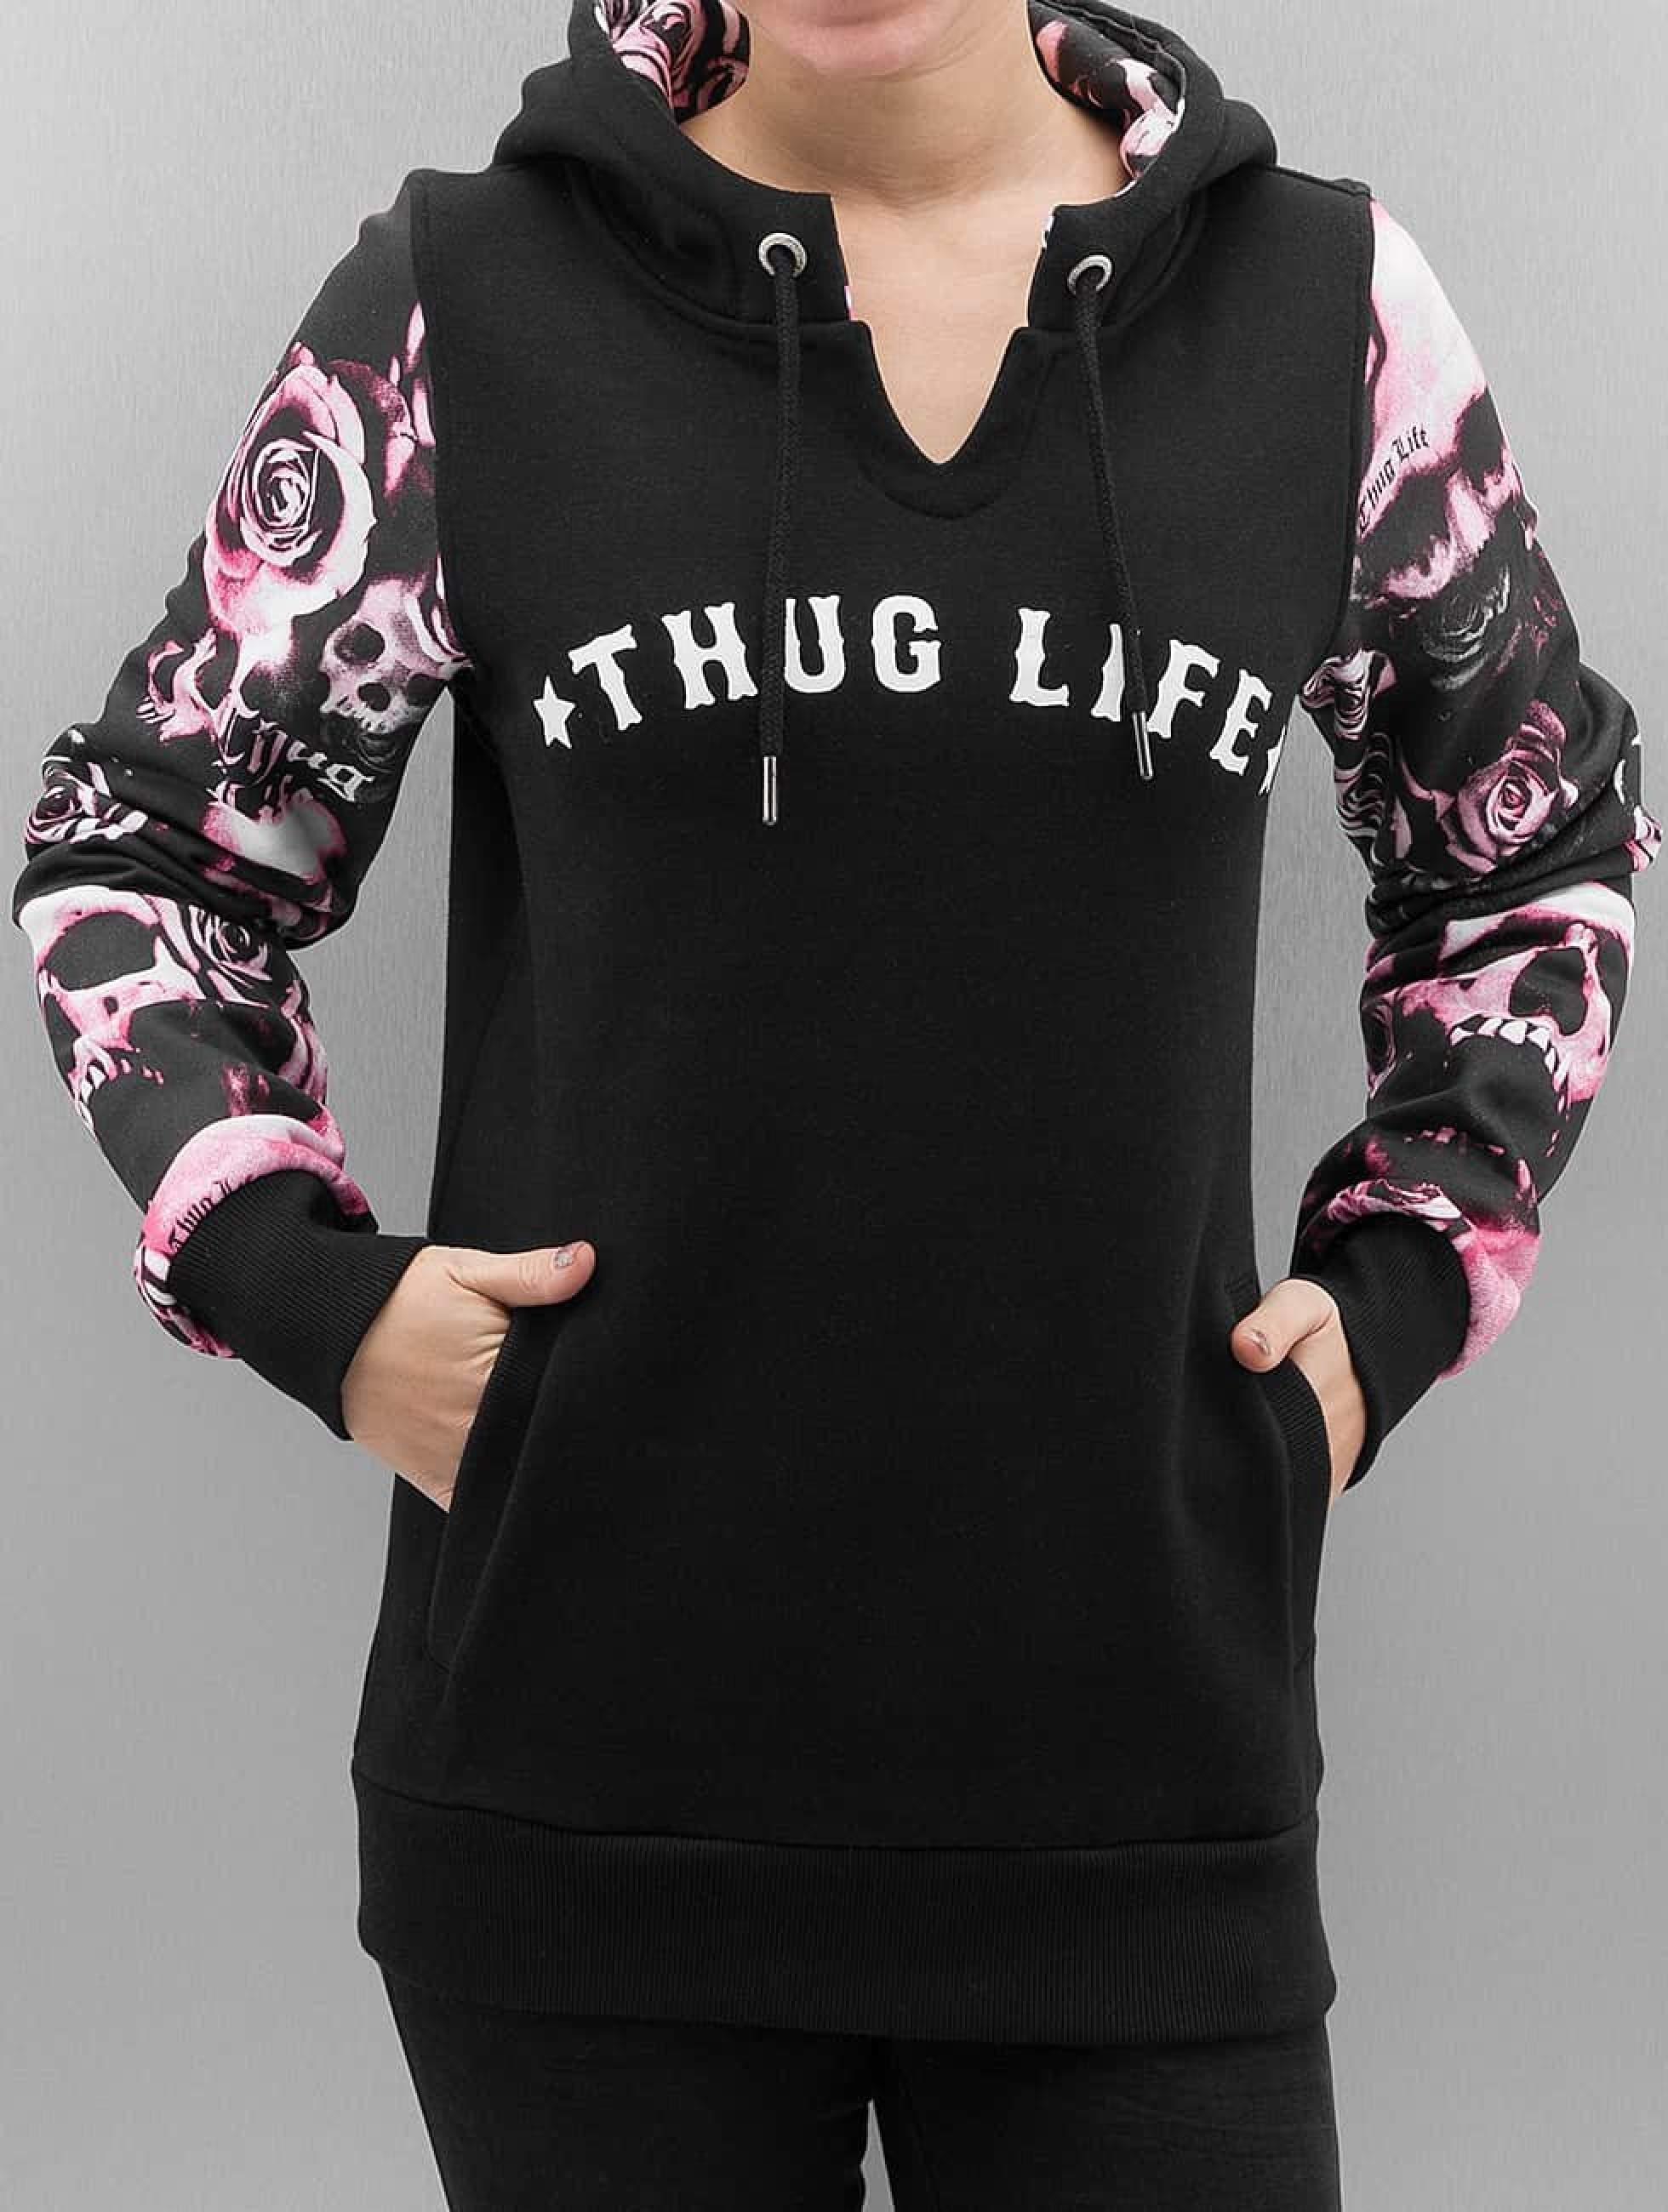 Thug Life / Hoodie Skullpattern in black XS